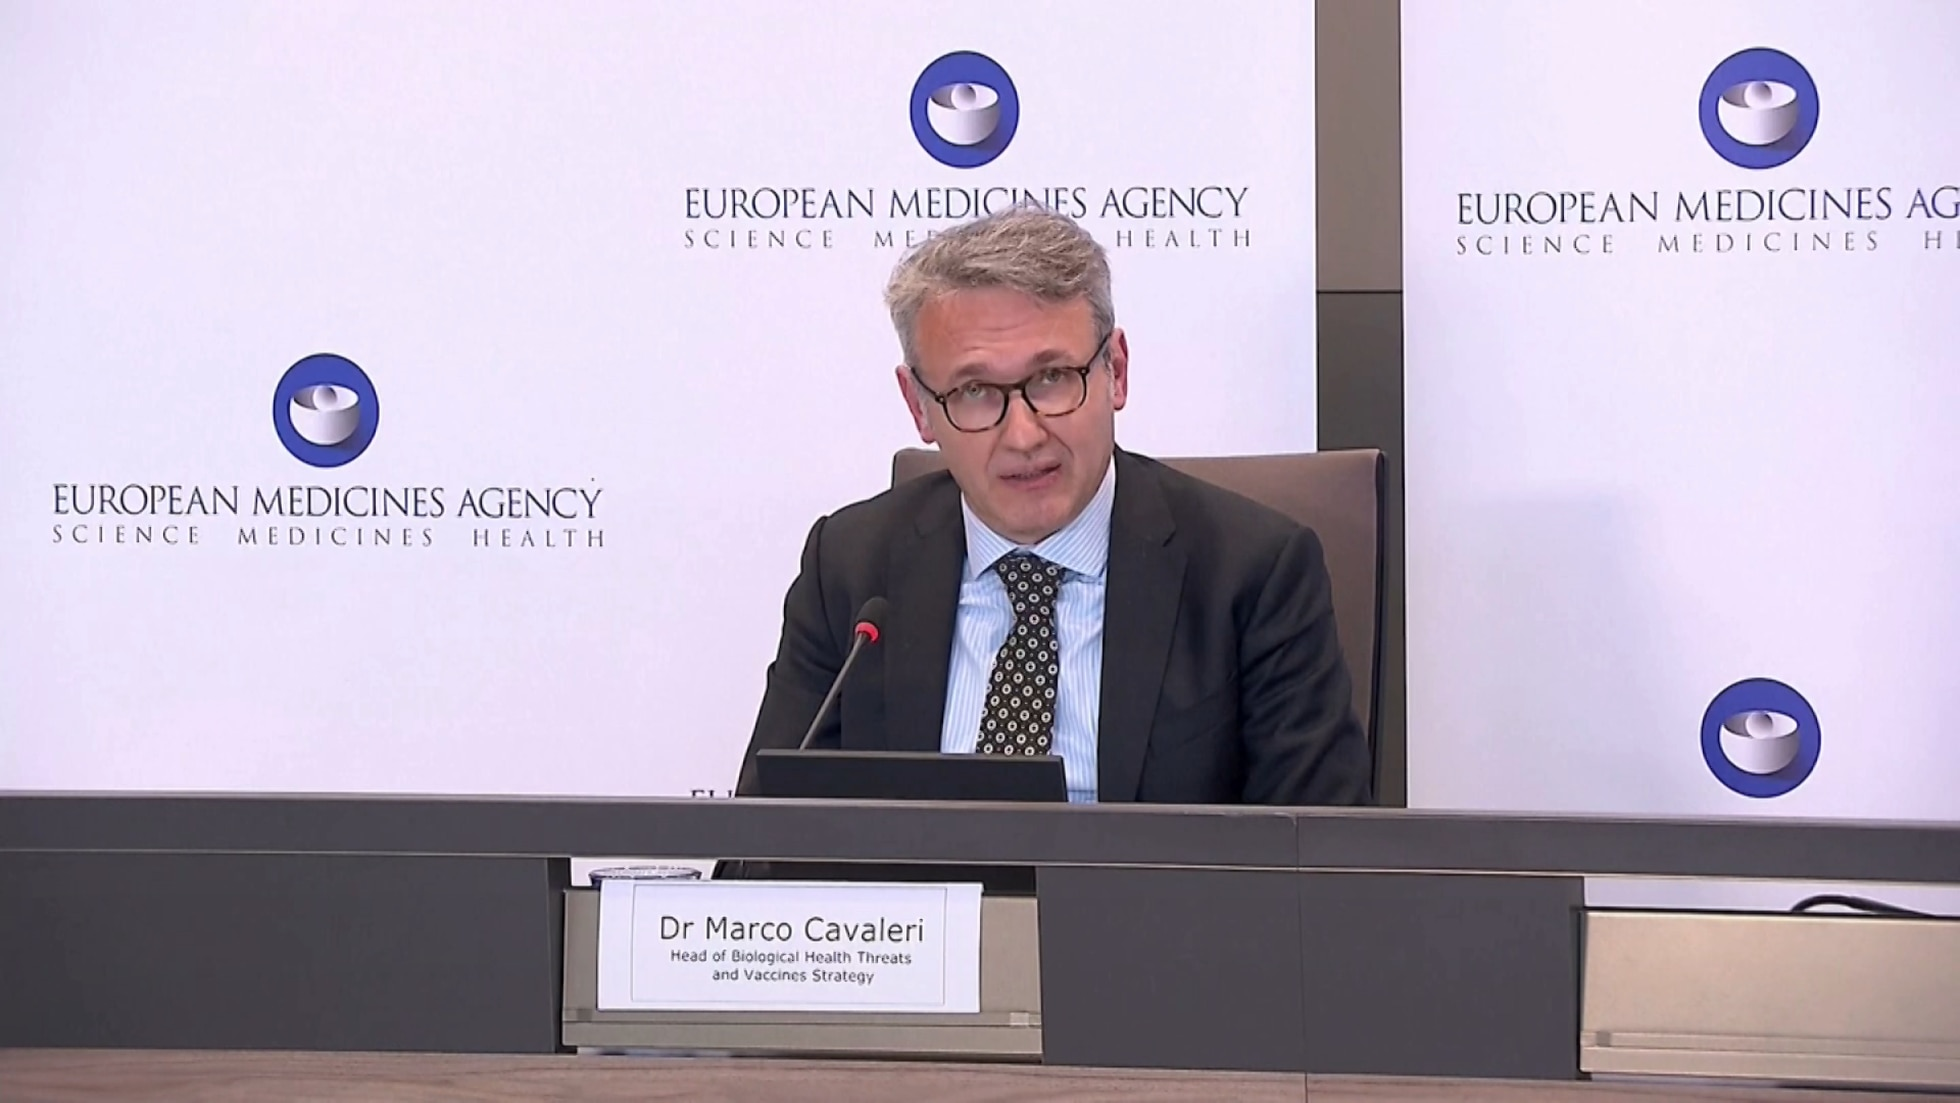 Covid-19: La agencia europea aprueba vacunar con Pfizer a los adolescentes  de 12 a 15 años | Sociedad | EL PAÍS